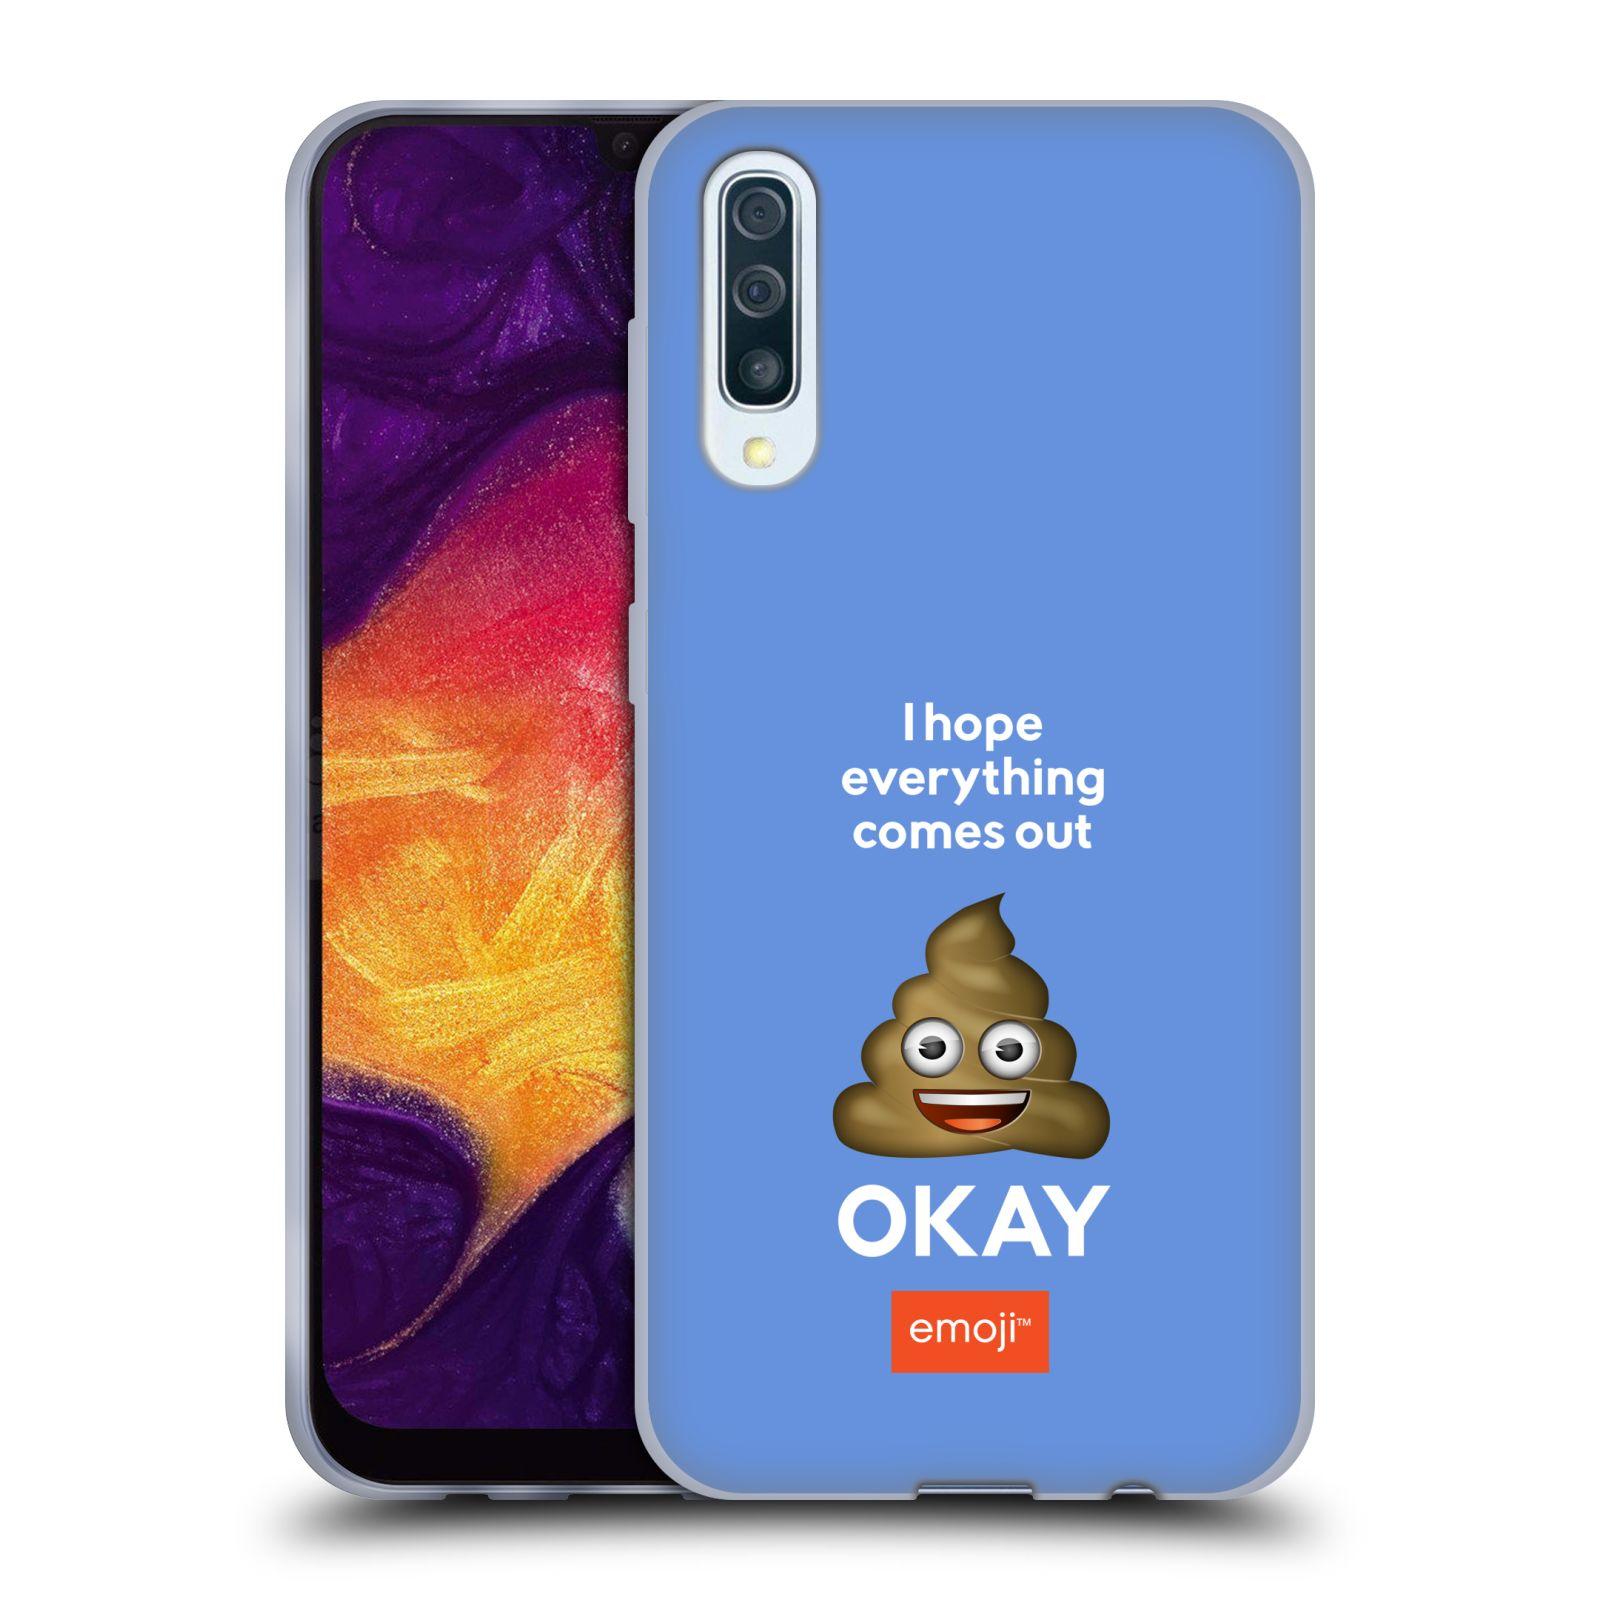 Silikonové pouzdro na mobil Samsung Galaxy A50 / A30s - Head Case - EMOJI - Hovínko OKAY